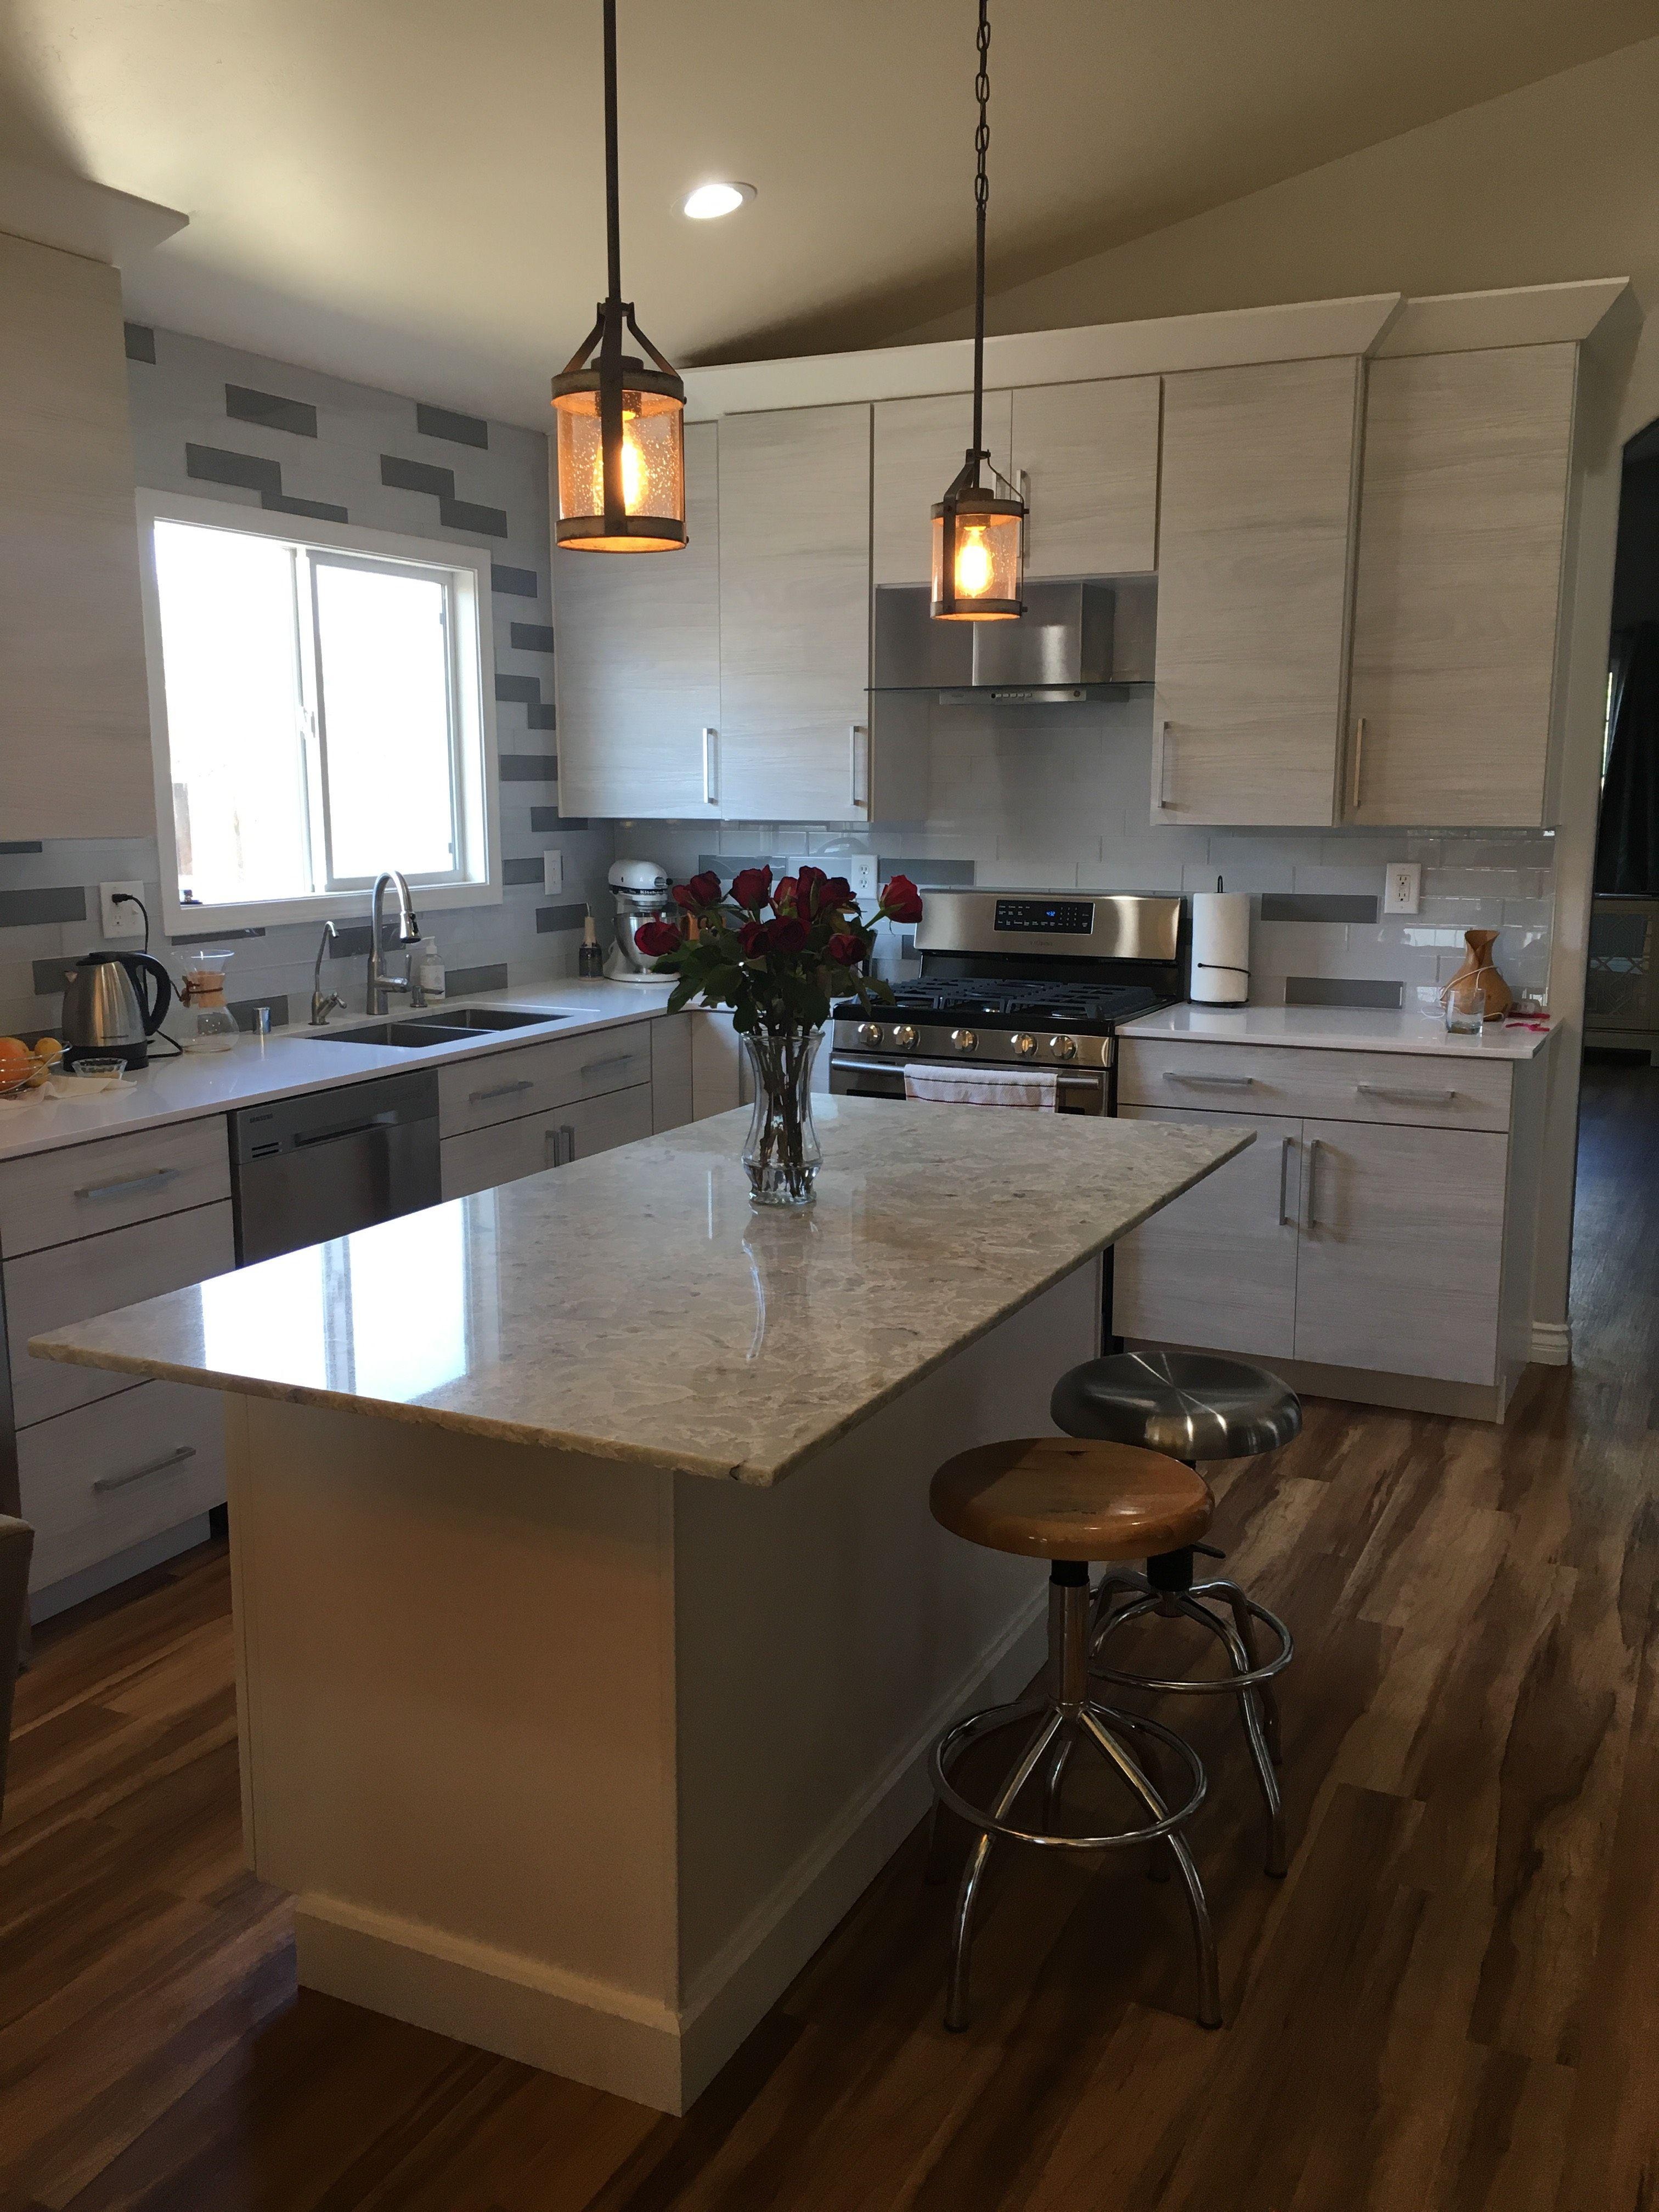 White Wood Grain Kitchen Remodel Kitchen Cabinet Remodel Kitchen Remodel Installing Cabinets